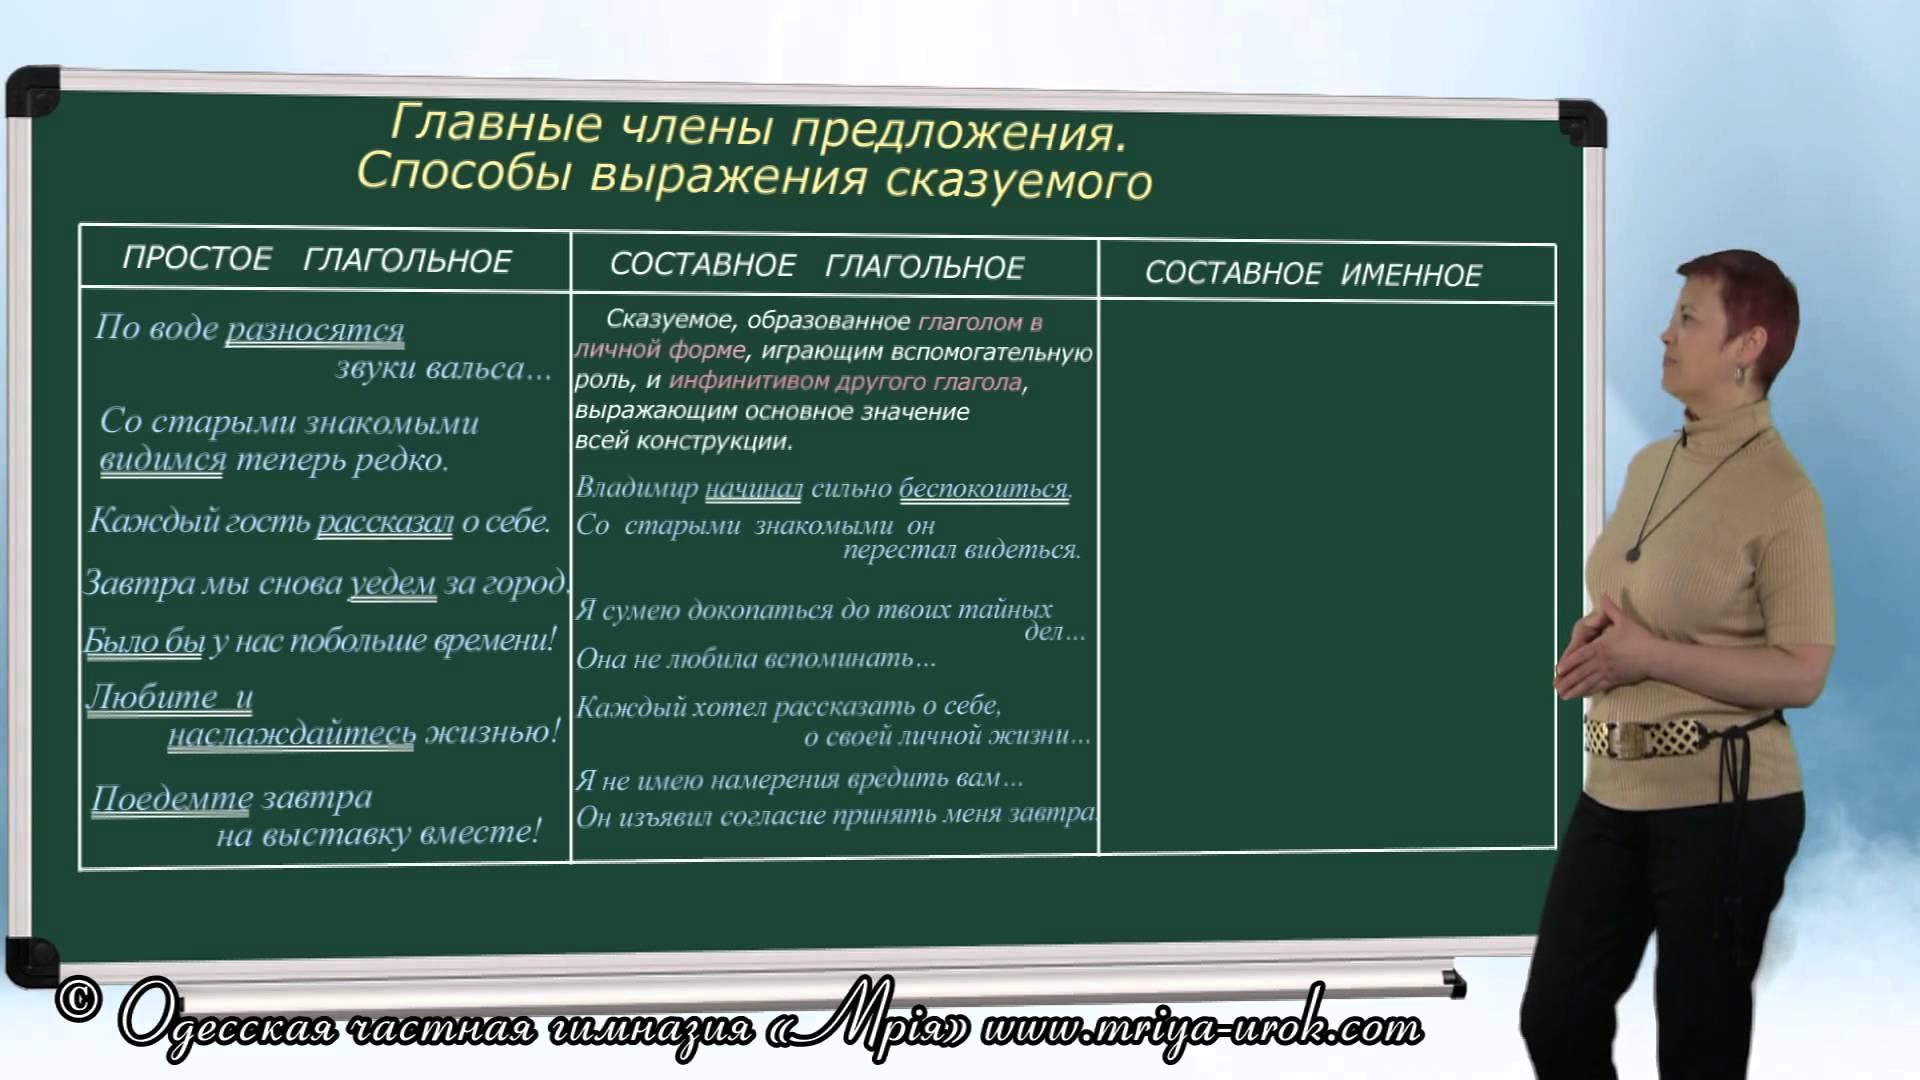 Член предложения русский язык 23 фотография